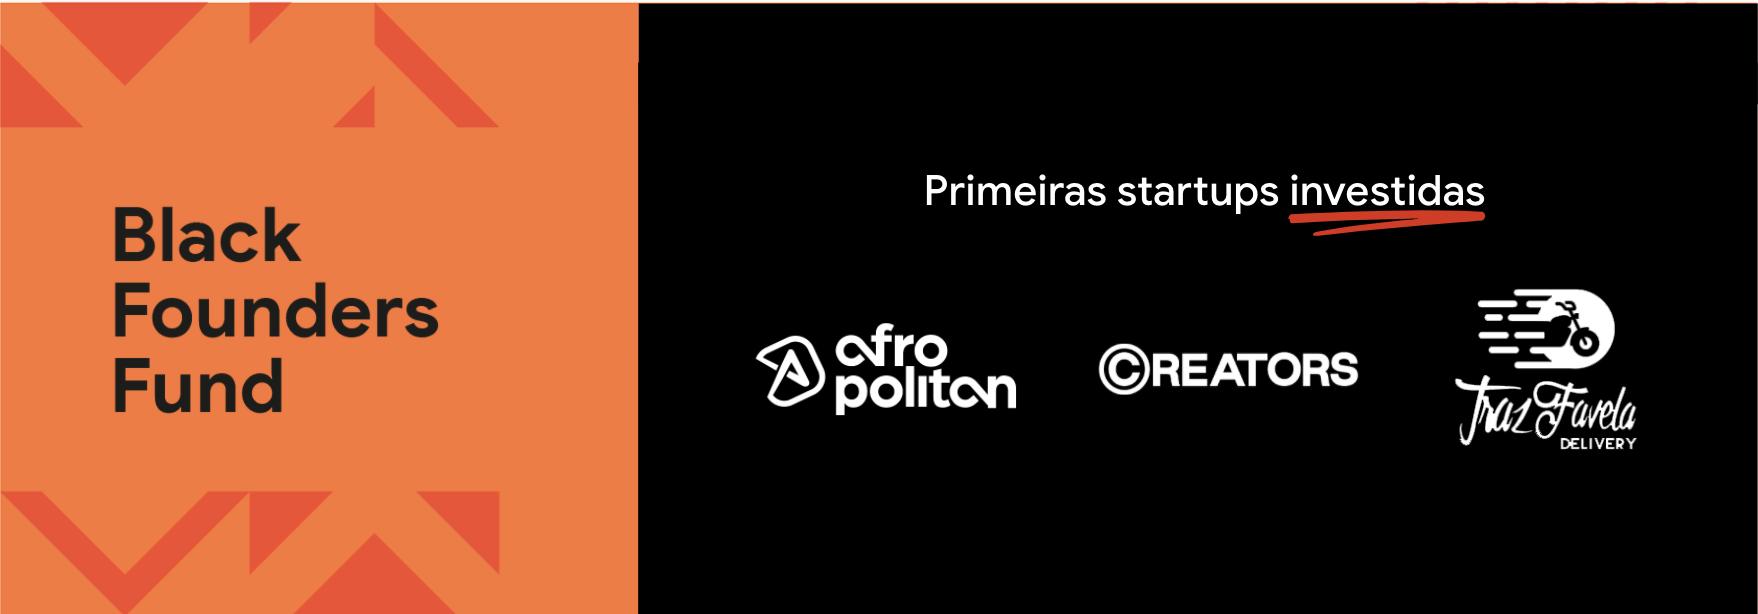 Imagem partida em dois, com fundo laranja à esquerda e fundo   preto à direita. Na parte com o fundo laranja, há um texto em preto dizendo   'Black Founders Fund'. Na parte com o fundo preto, o texto diz 'Primeiras   Startups Investidas' e, abaixo, há o logo das empresas Afropolitan,   Creators e TrazFavela.